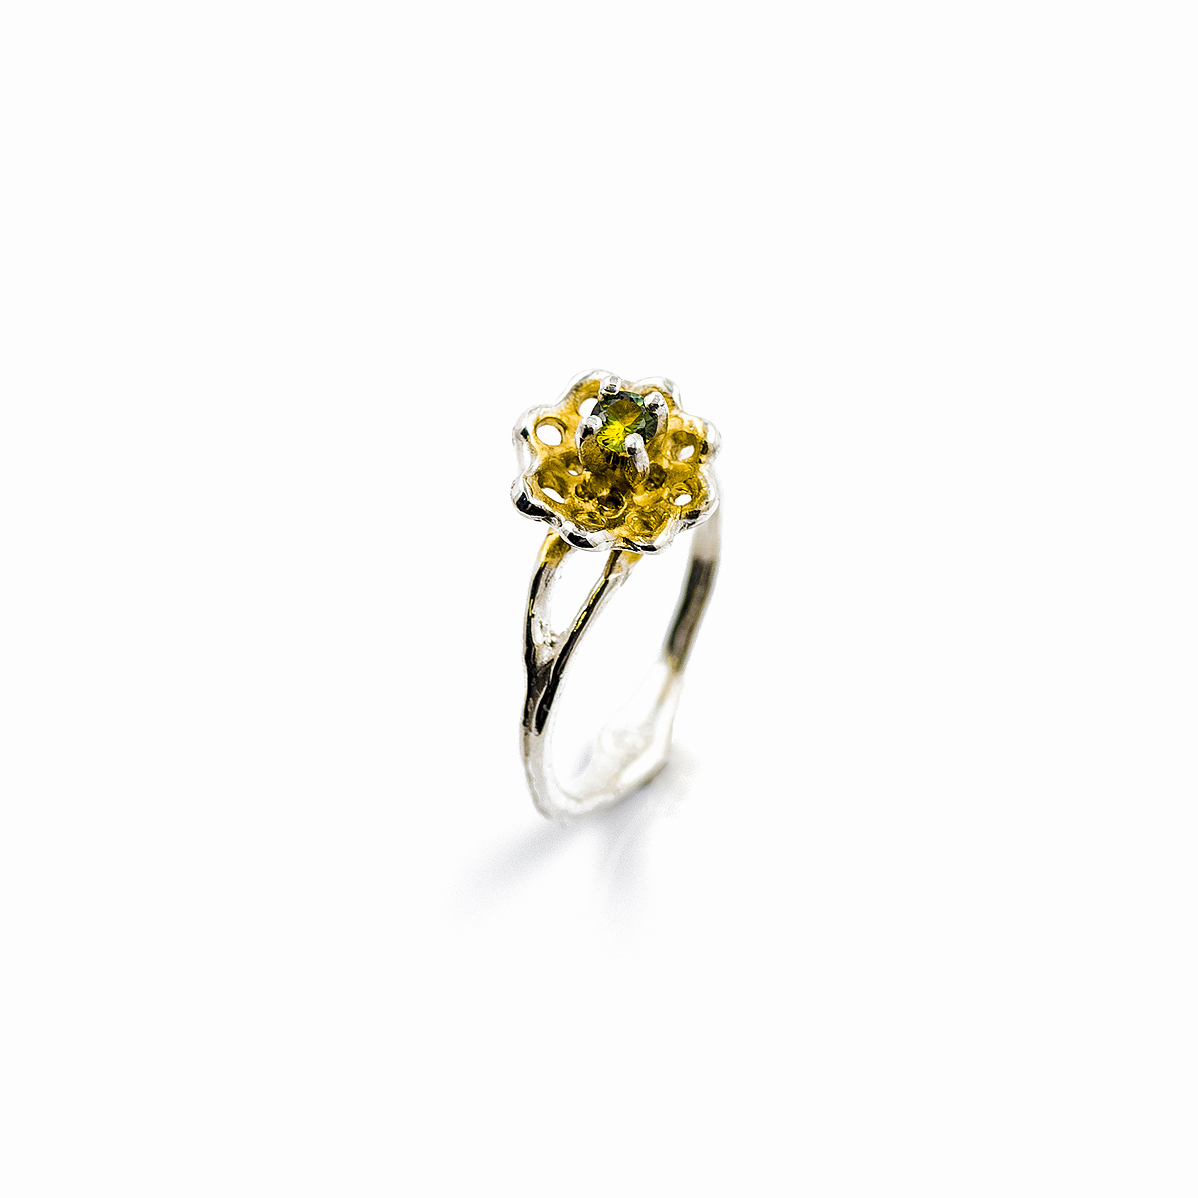 A yellow-green Australian sapphire extends from a golden surfaced silver fan.